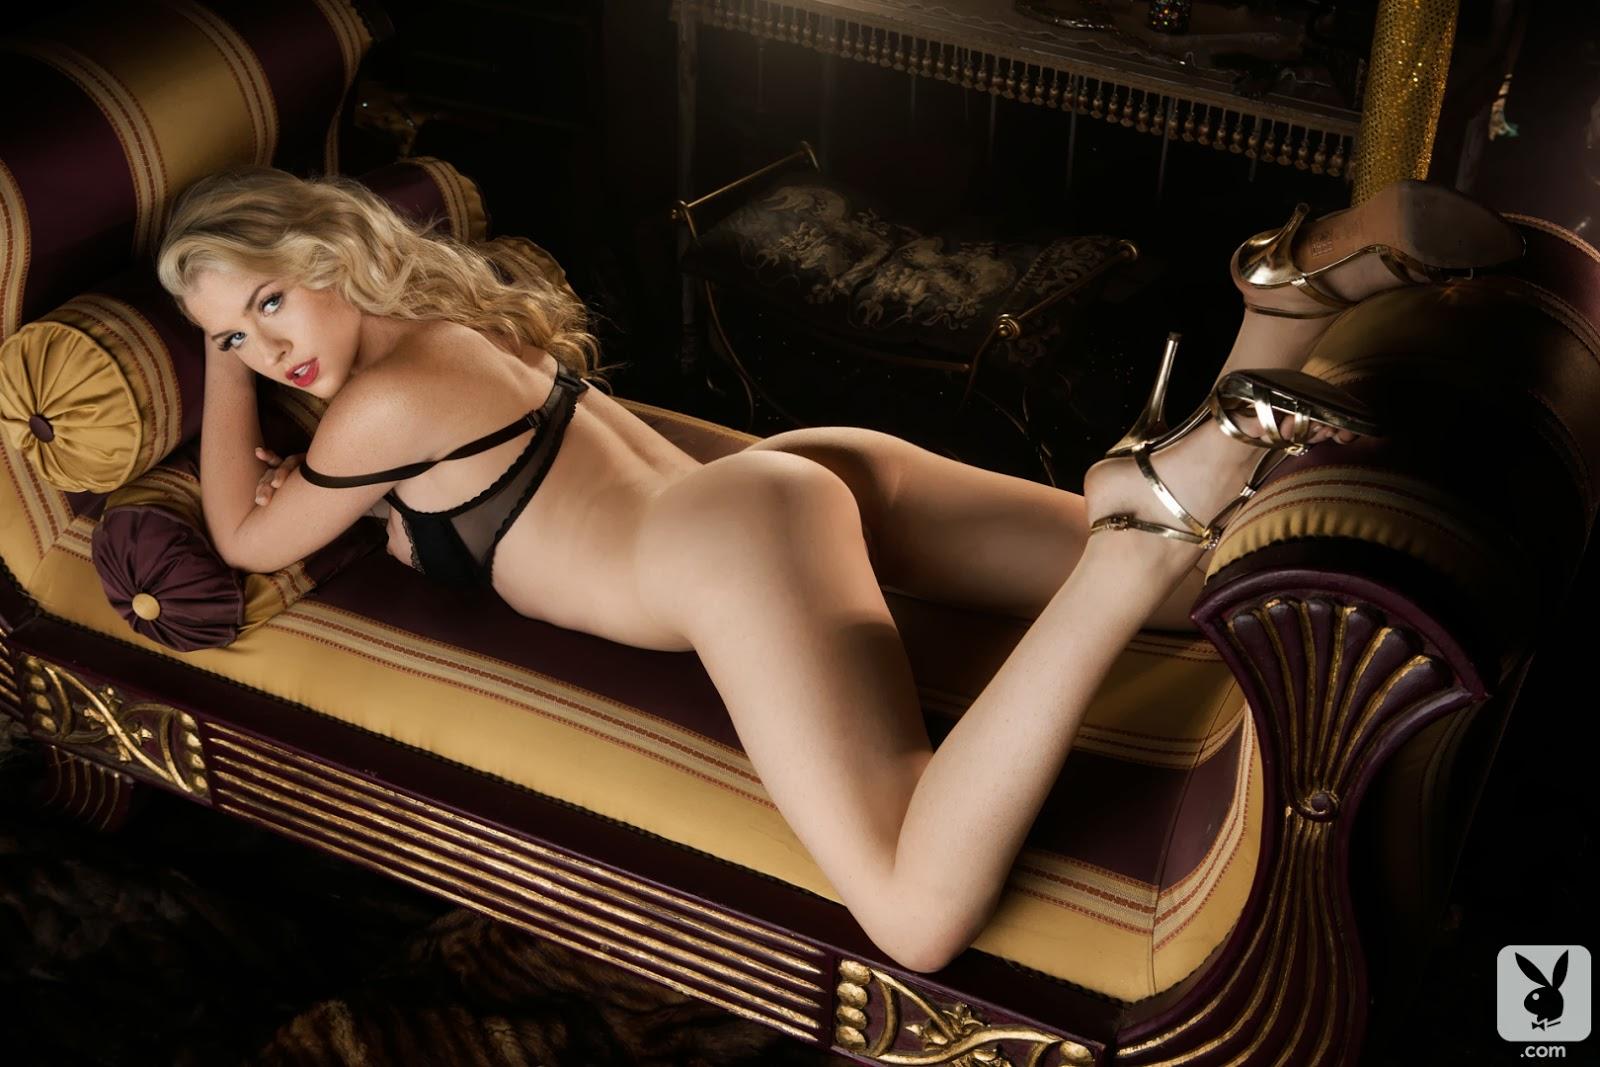 Playboy playmate november rachel harris painting in nude 2